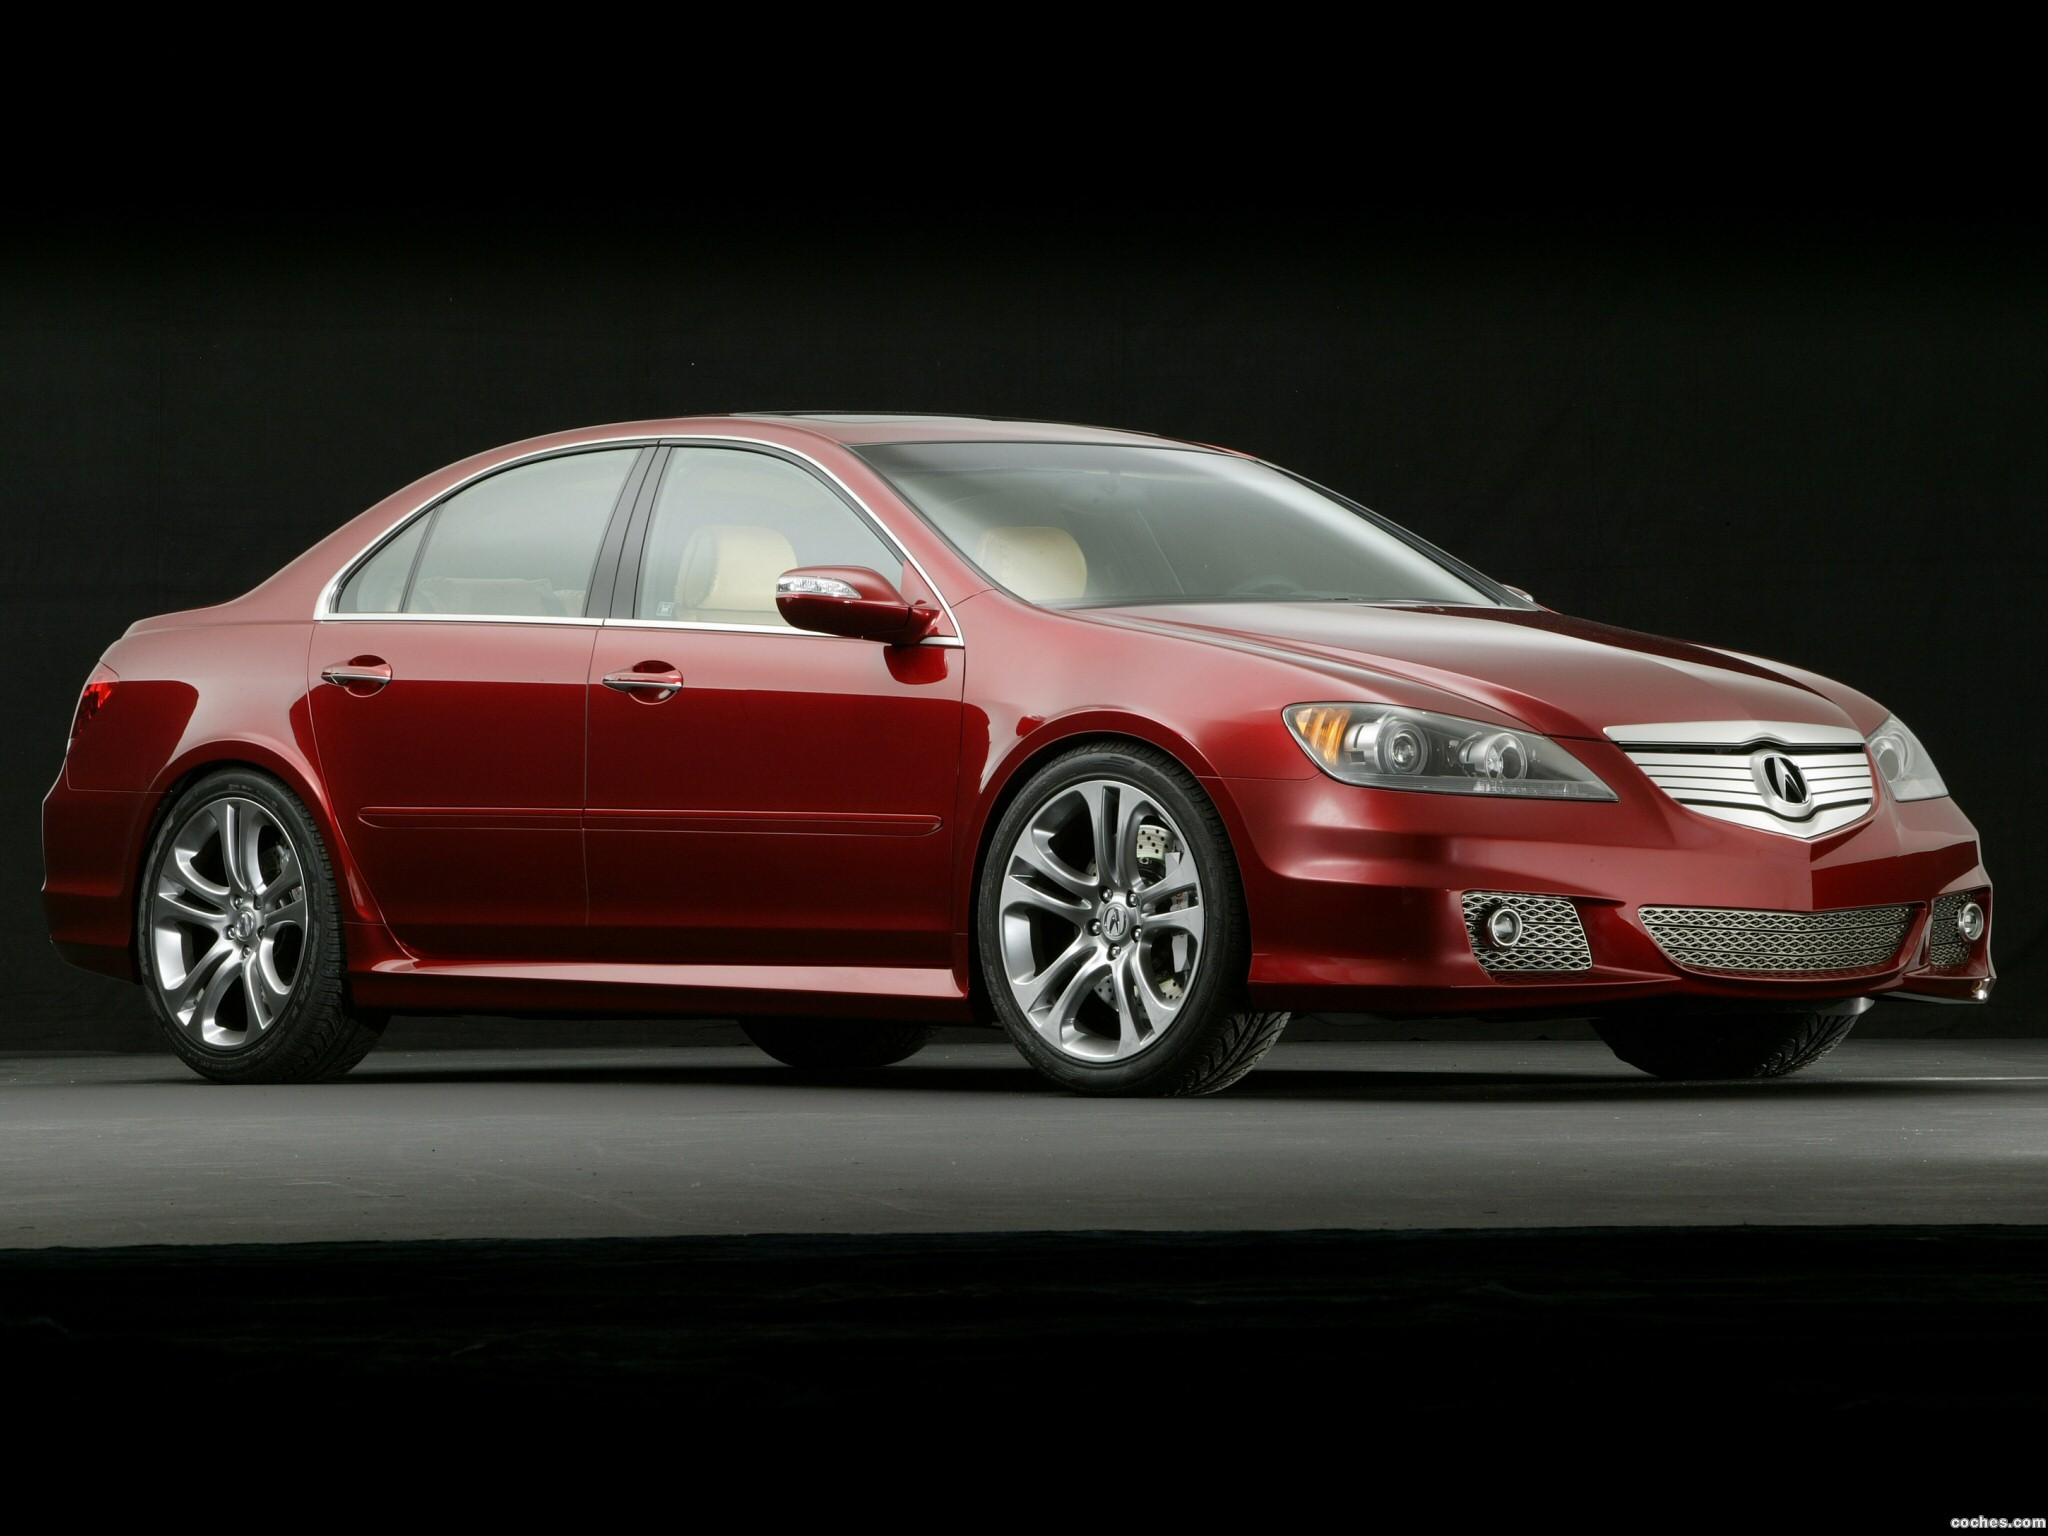 Foto 0 de Acura RL A-Spec Concept 2005